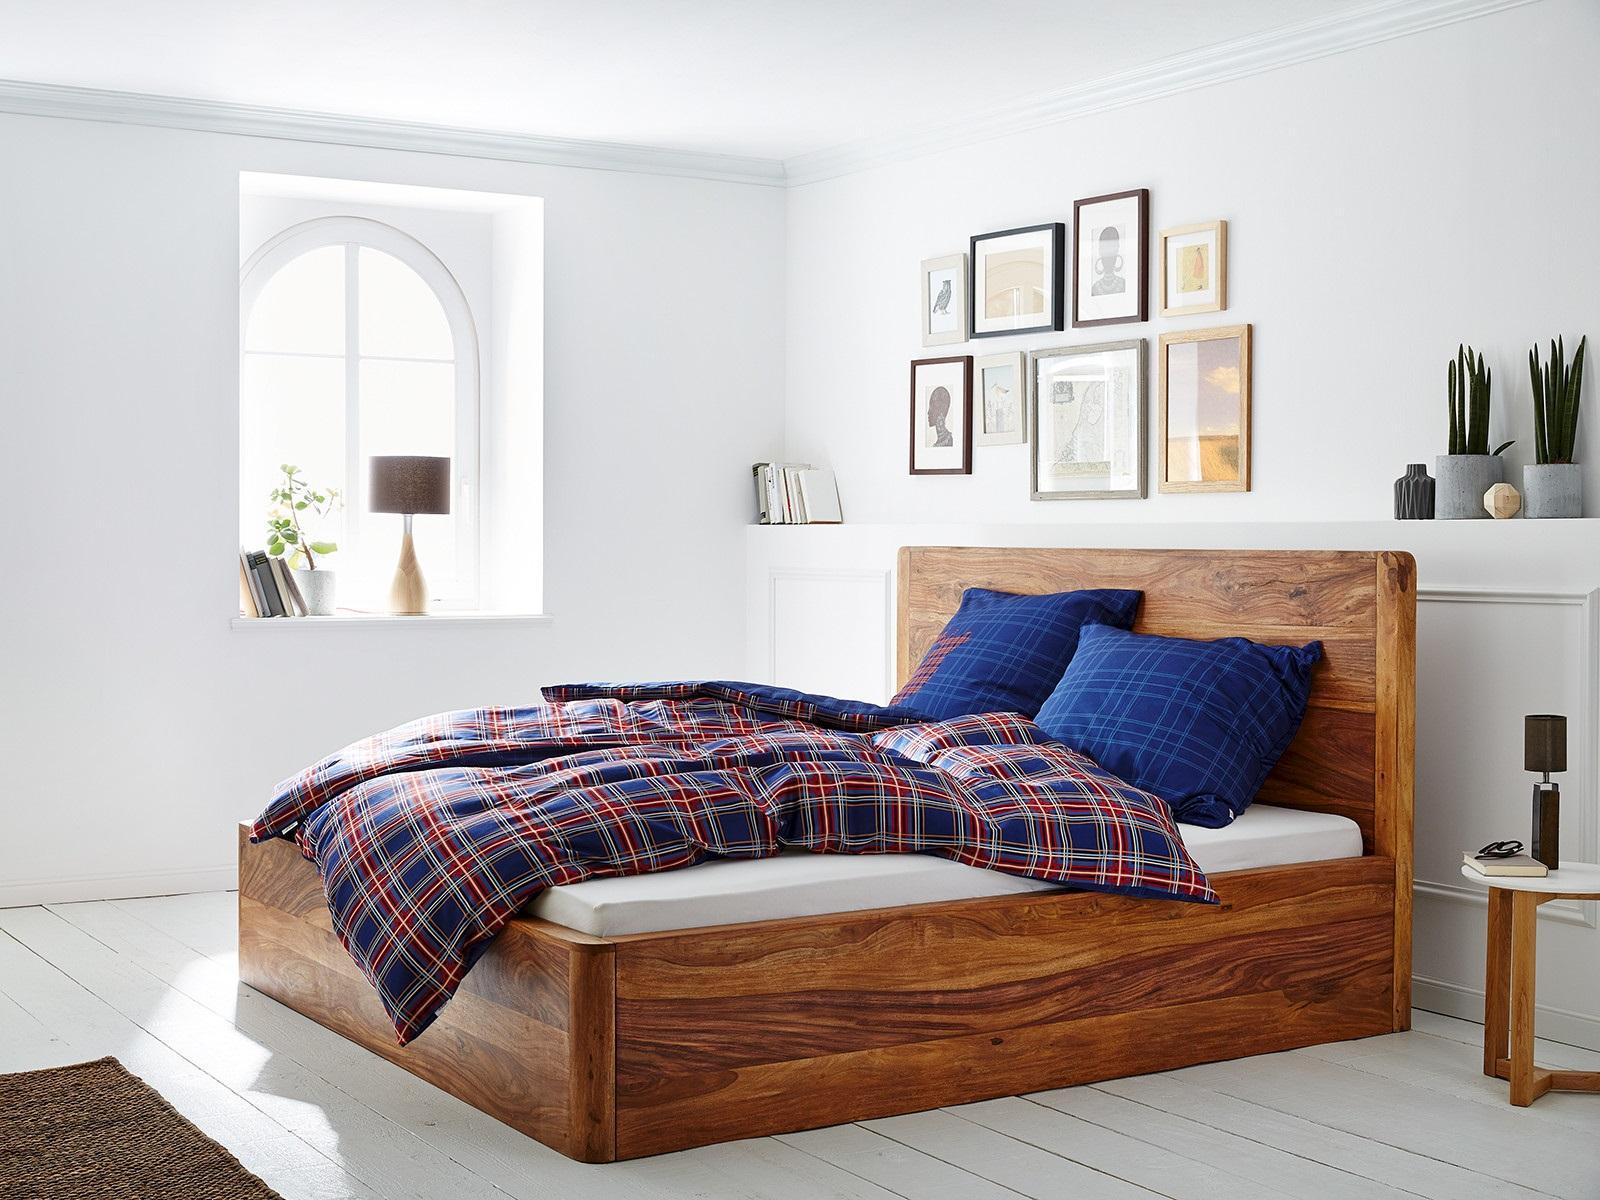 Prečo posteľ  z masívu? Prečo je to dobrý krok?